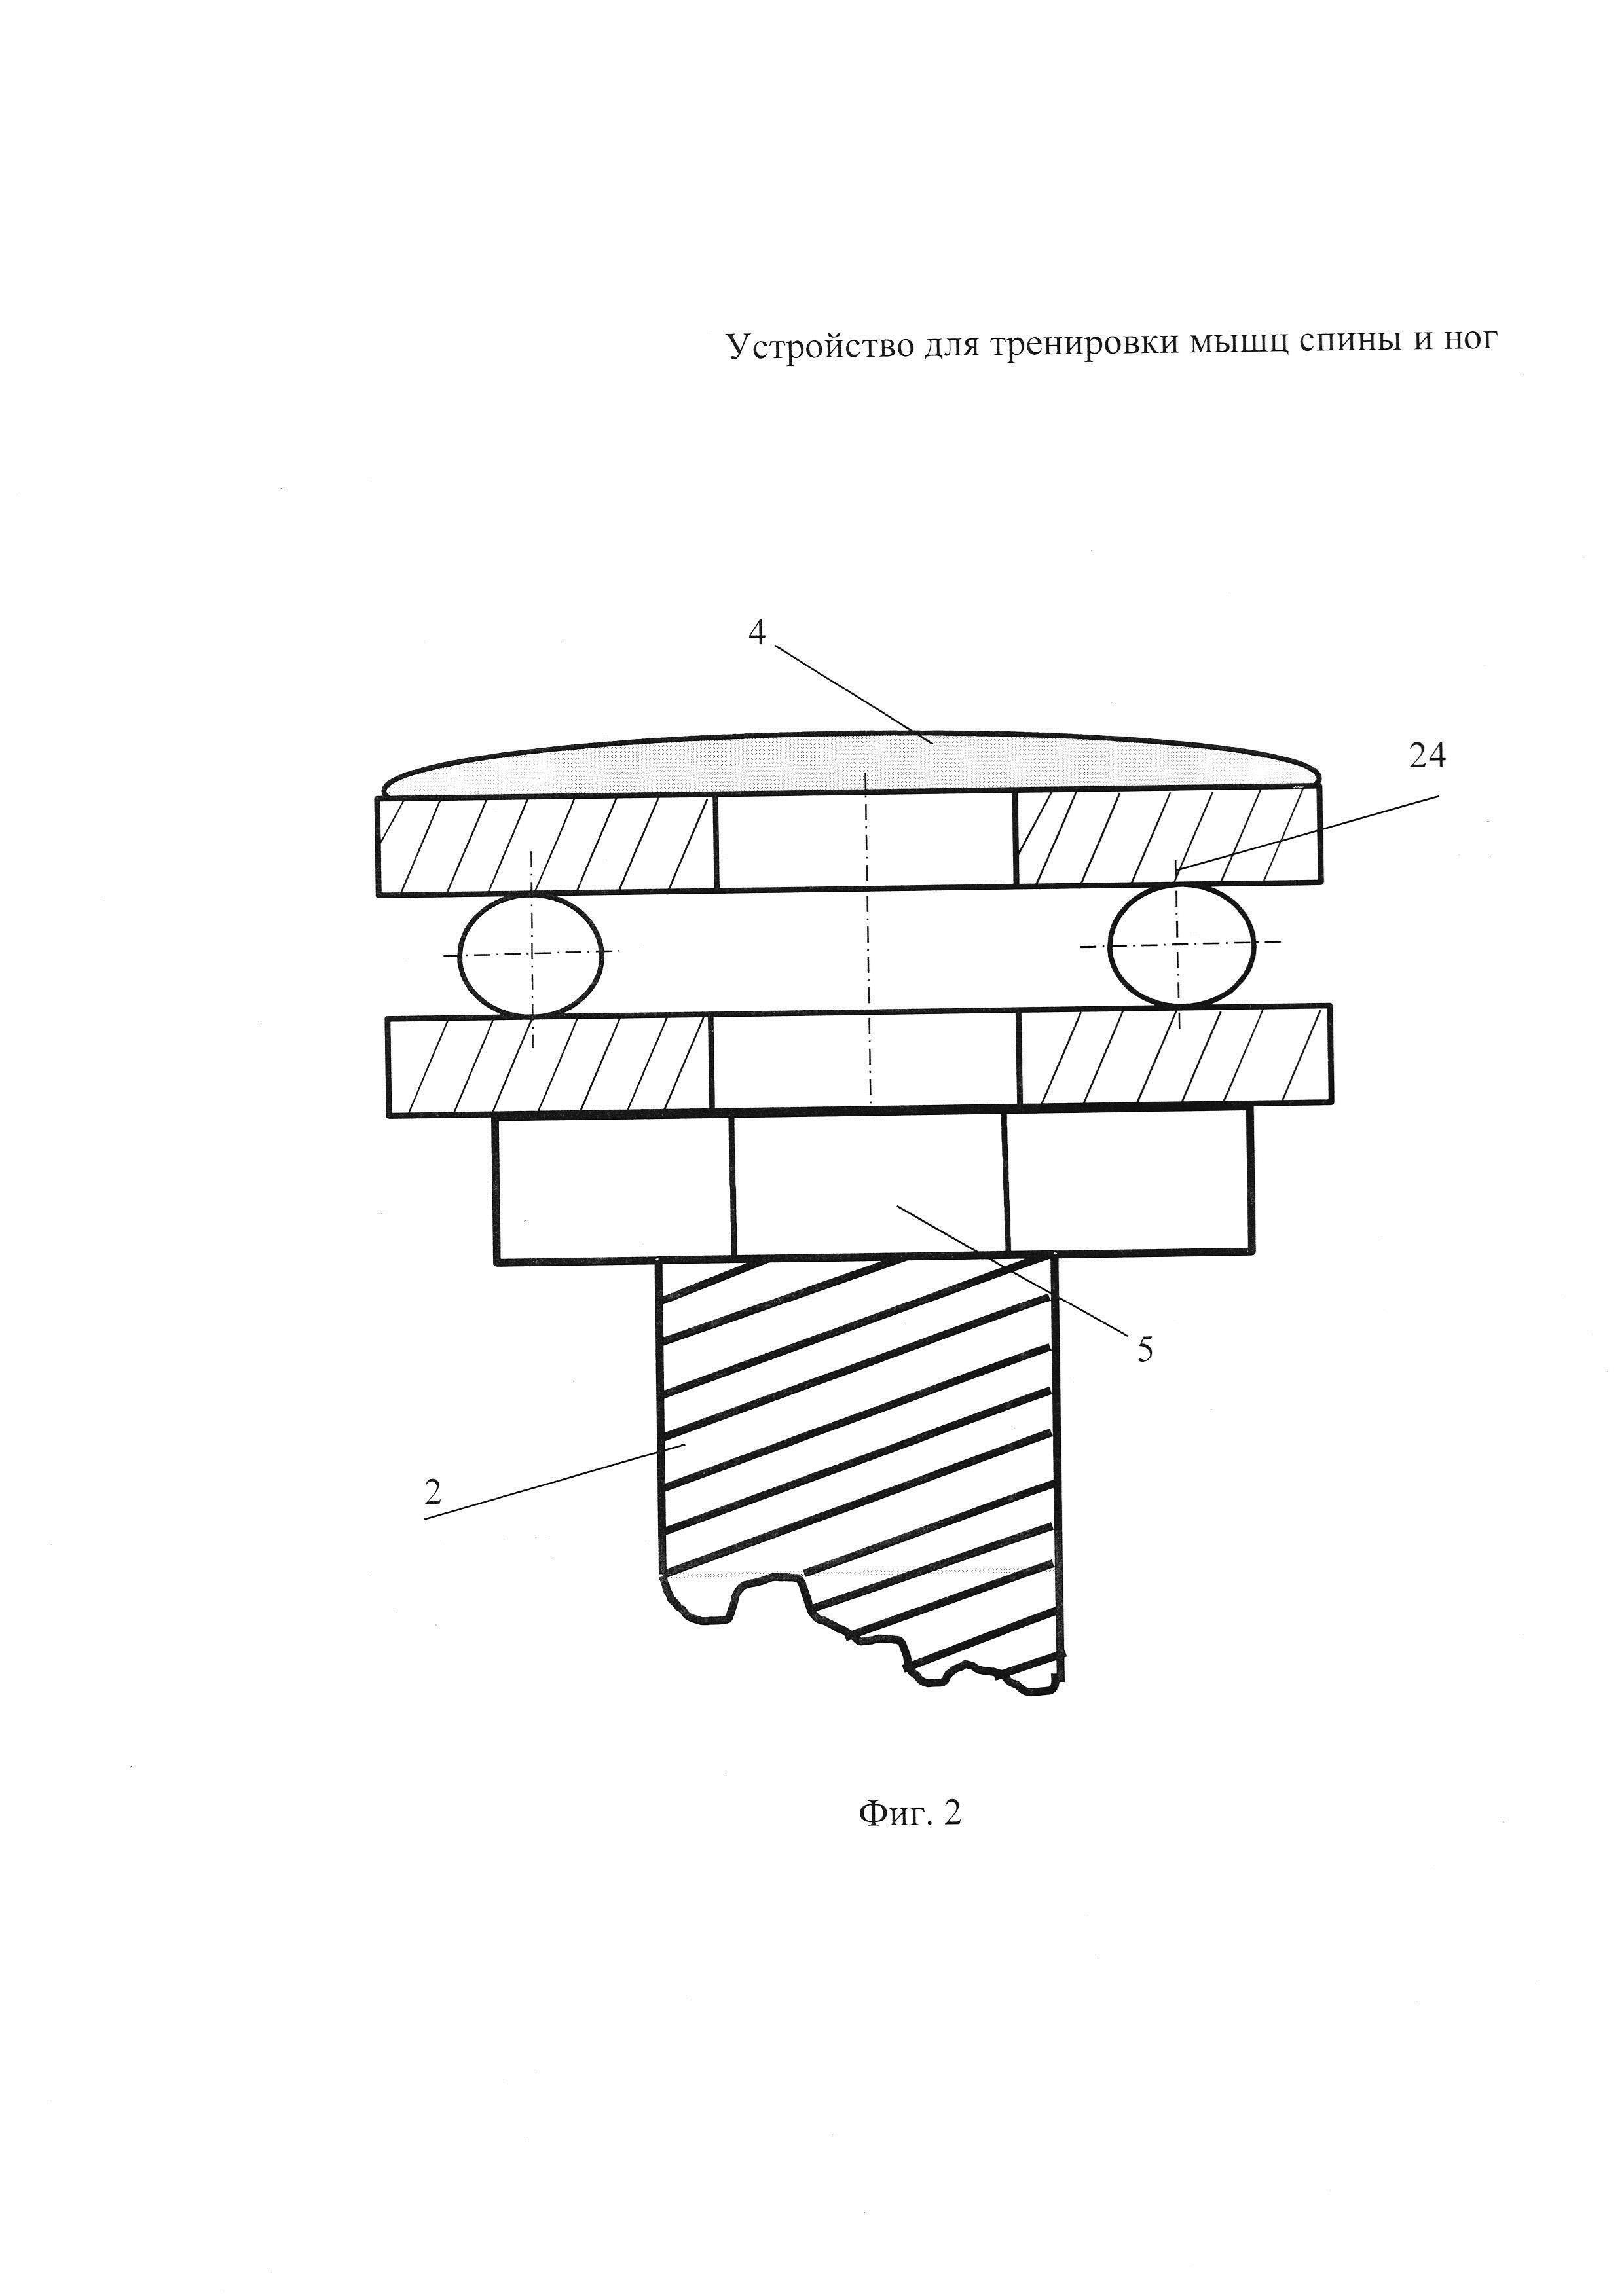 Тренировочное устройство для мышц спины и ног